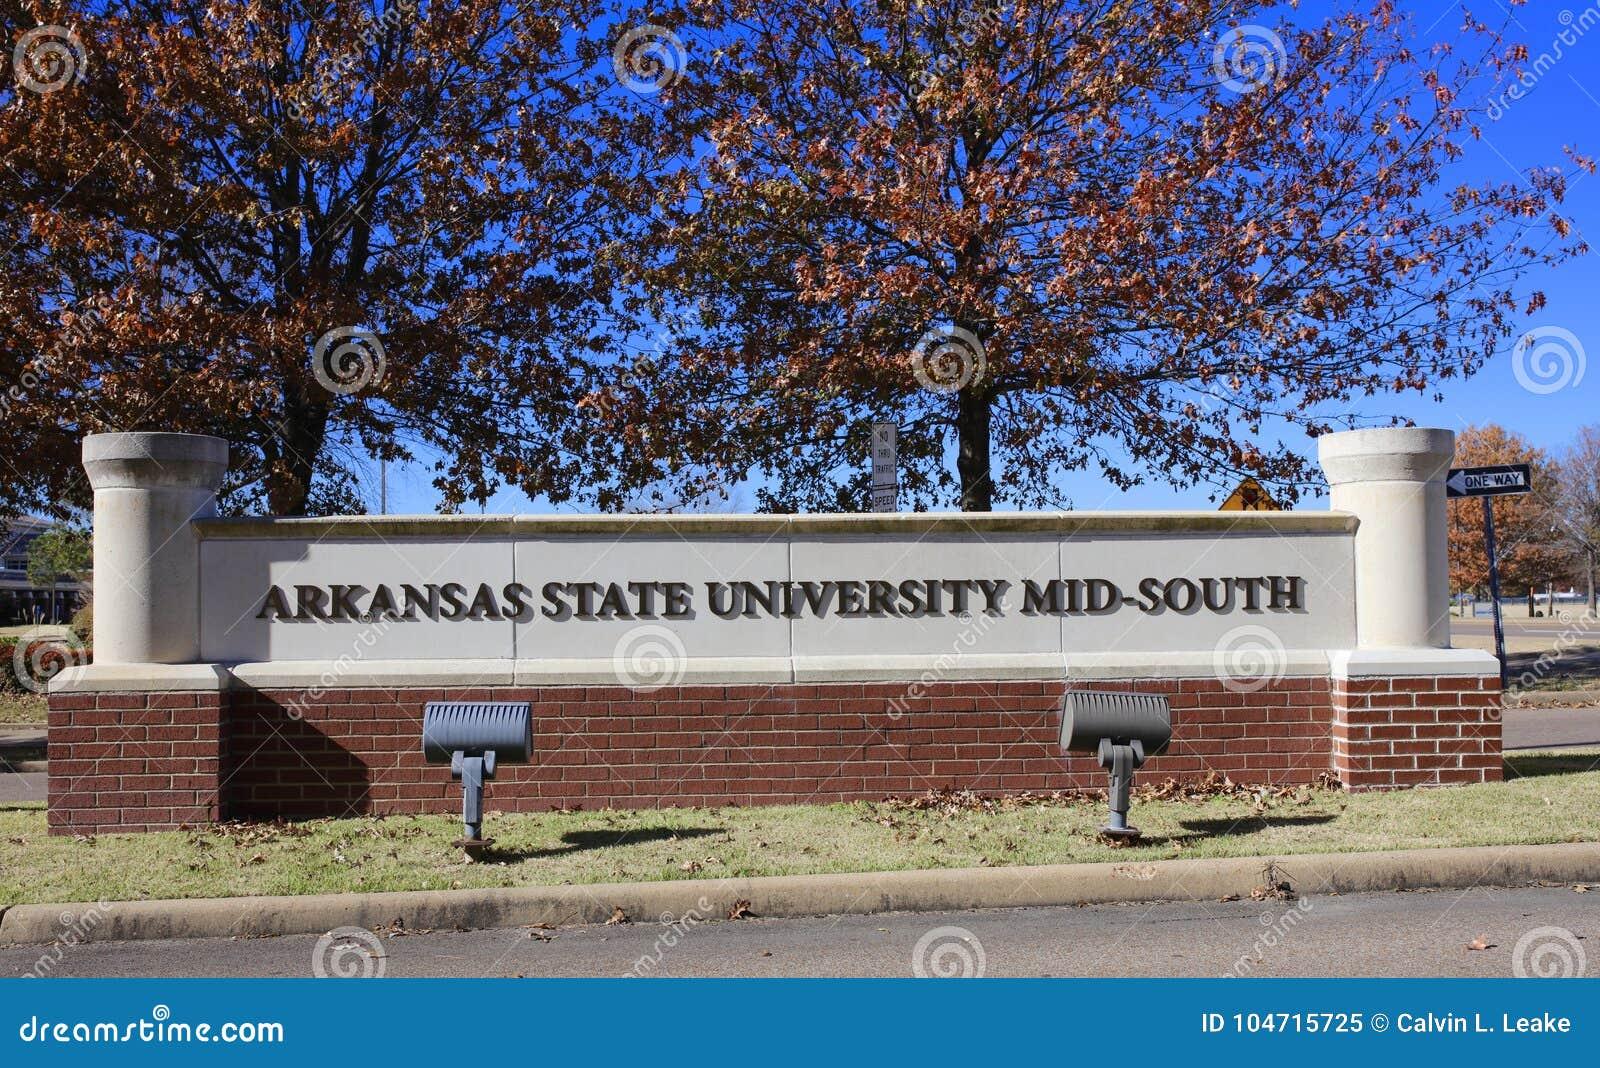 Средний-юг государственного университета Арканзаса, западный Мемфис, Арканзас